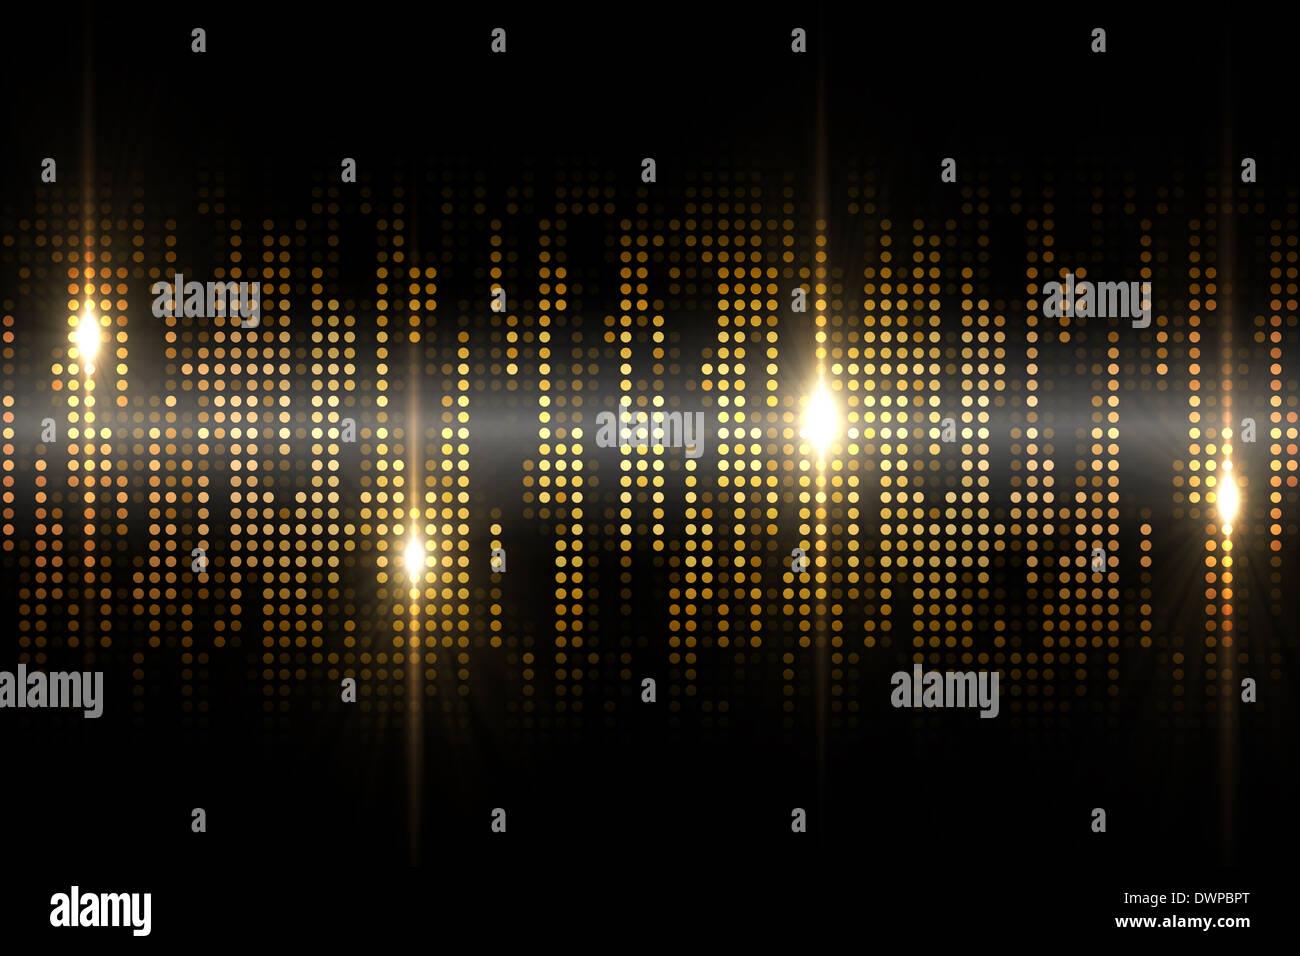 Coole Pixel Hintergrund Stockfoto Bild 67489712 Alamy